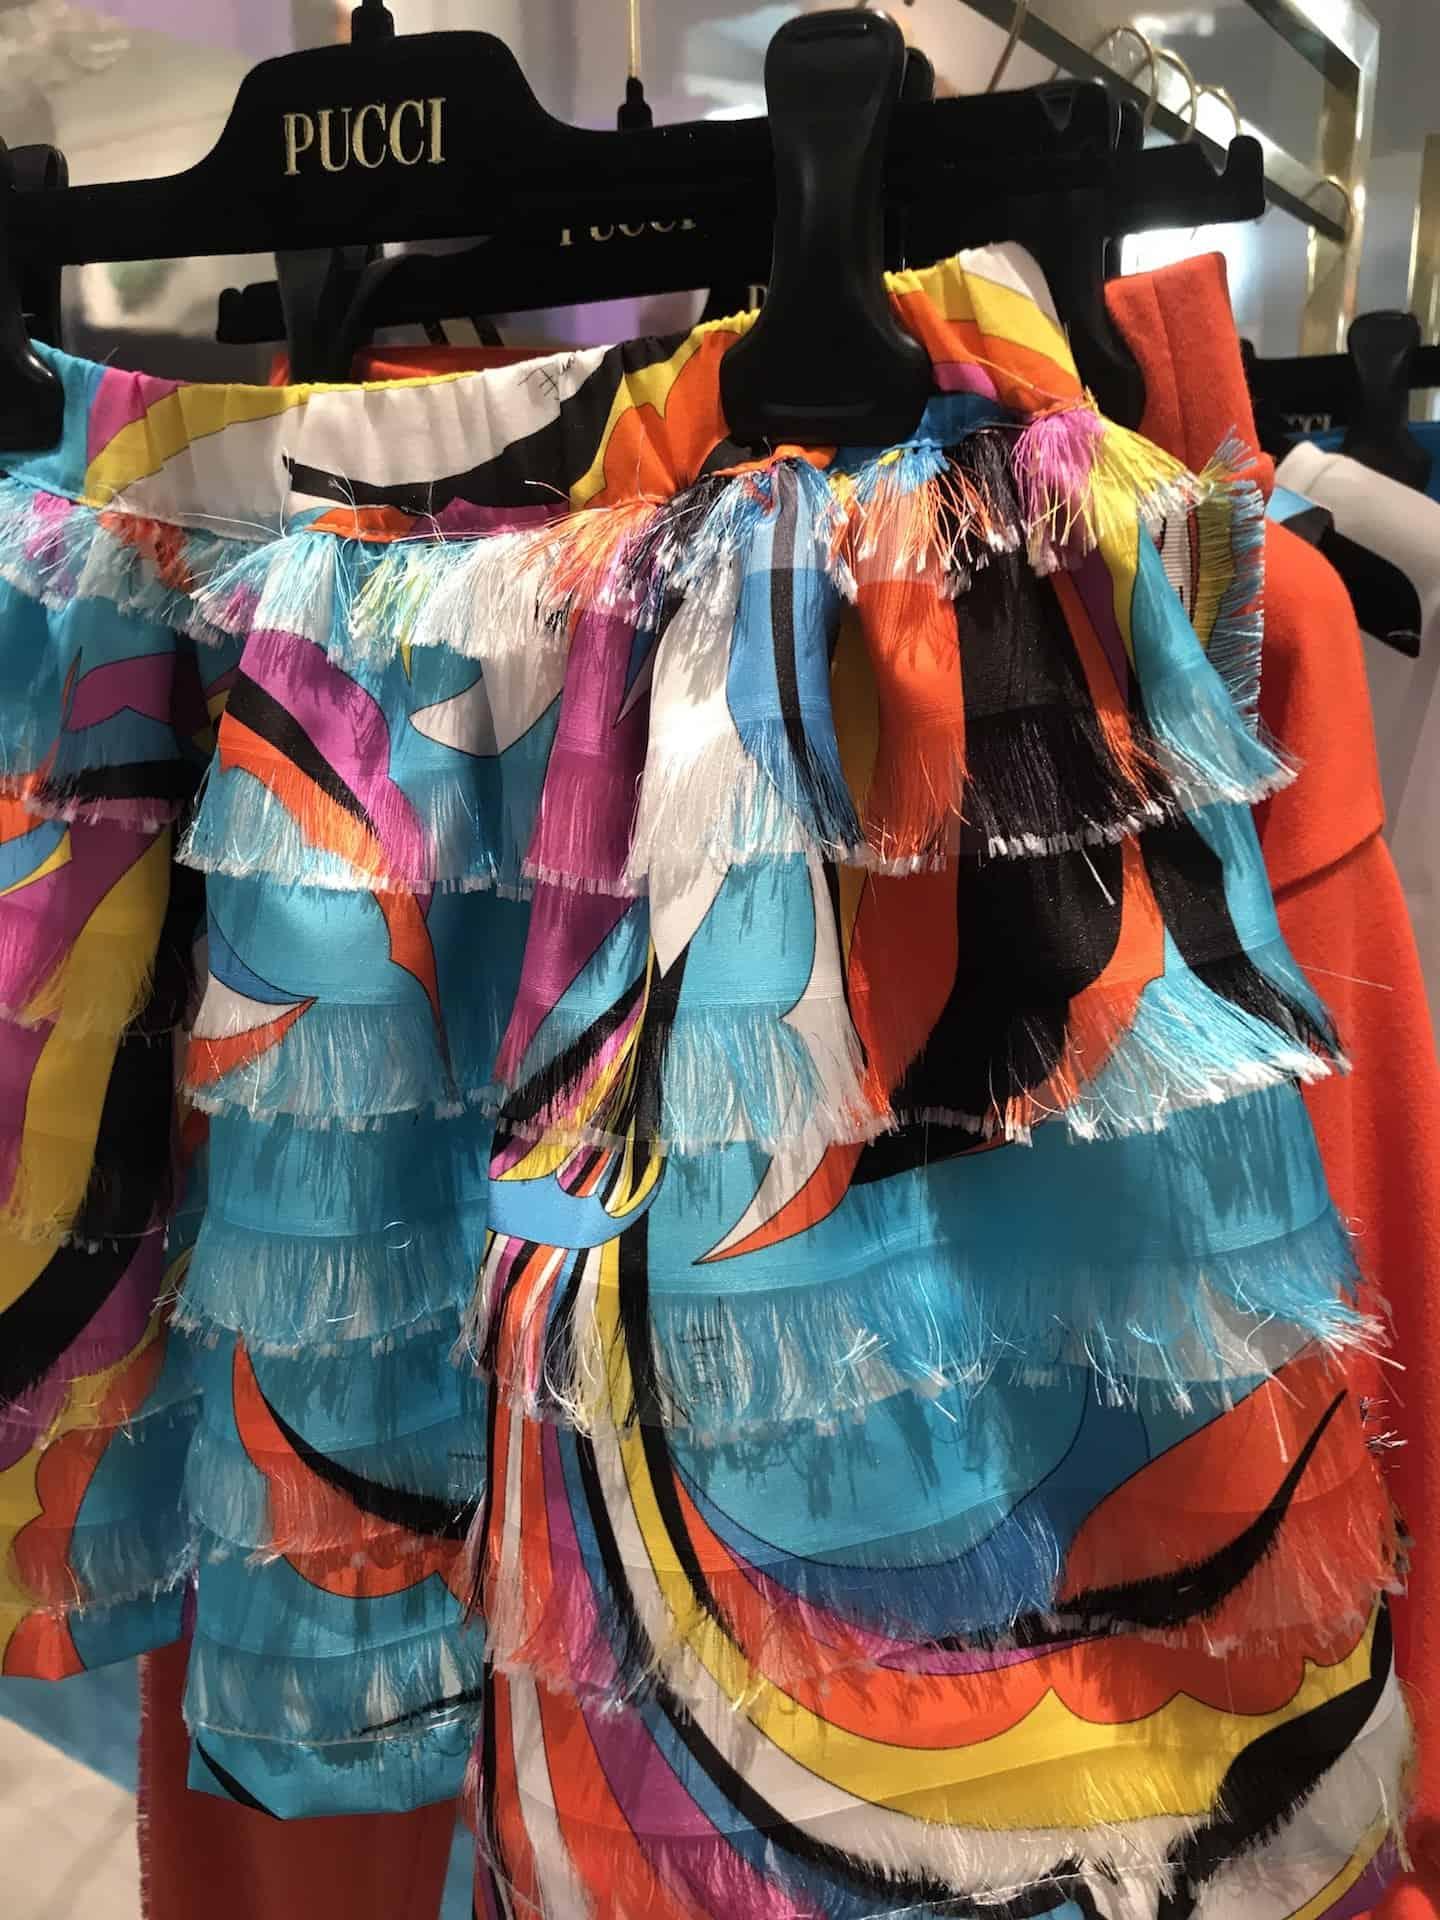 Emilio Pucci SS20 kids fashion collection at Pitti Bimbo 89